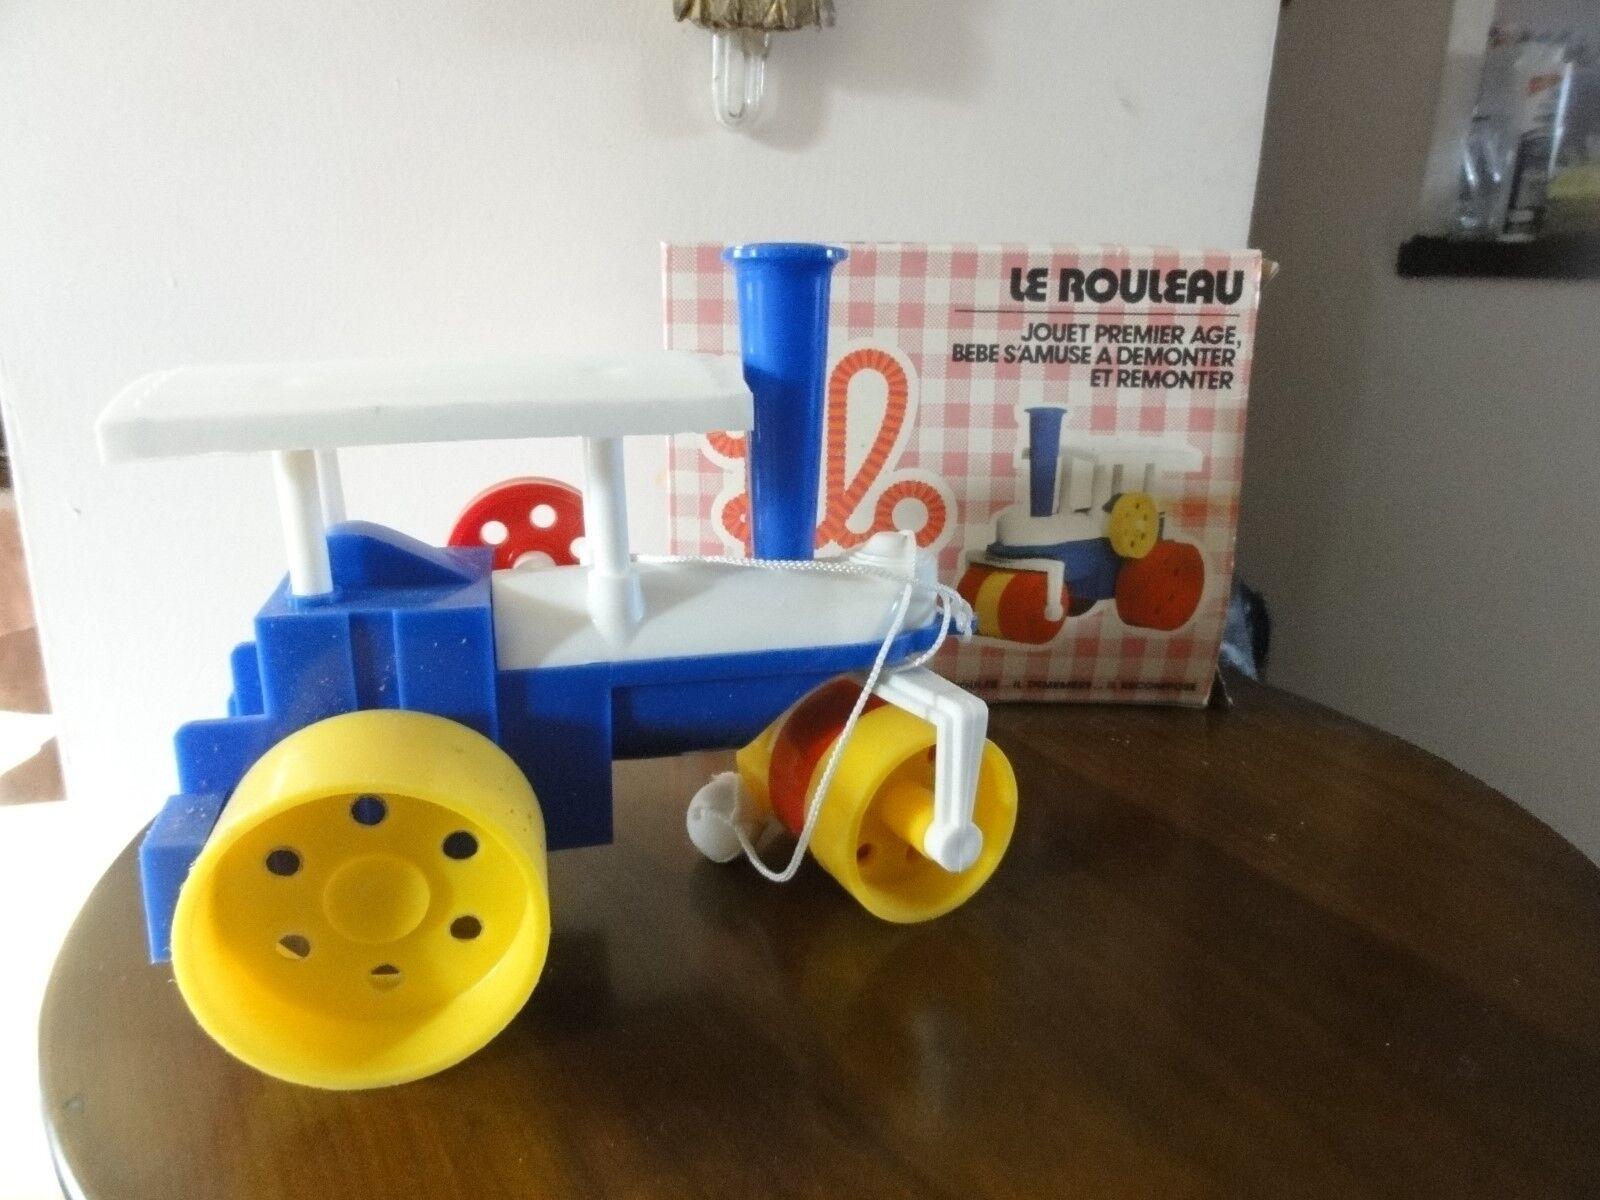 jeu méccano. filo. le rouleau. jouet 1er  age.a démonter et remonter.neuf